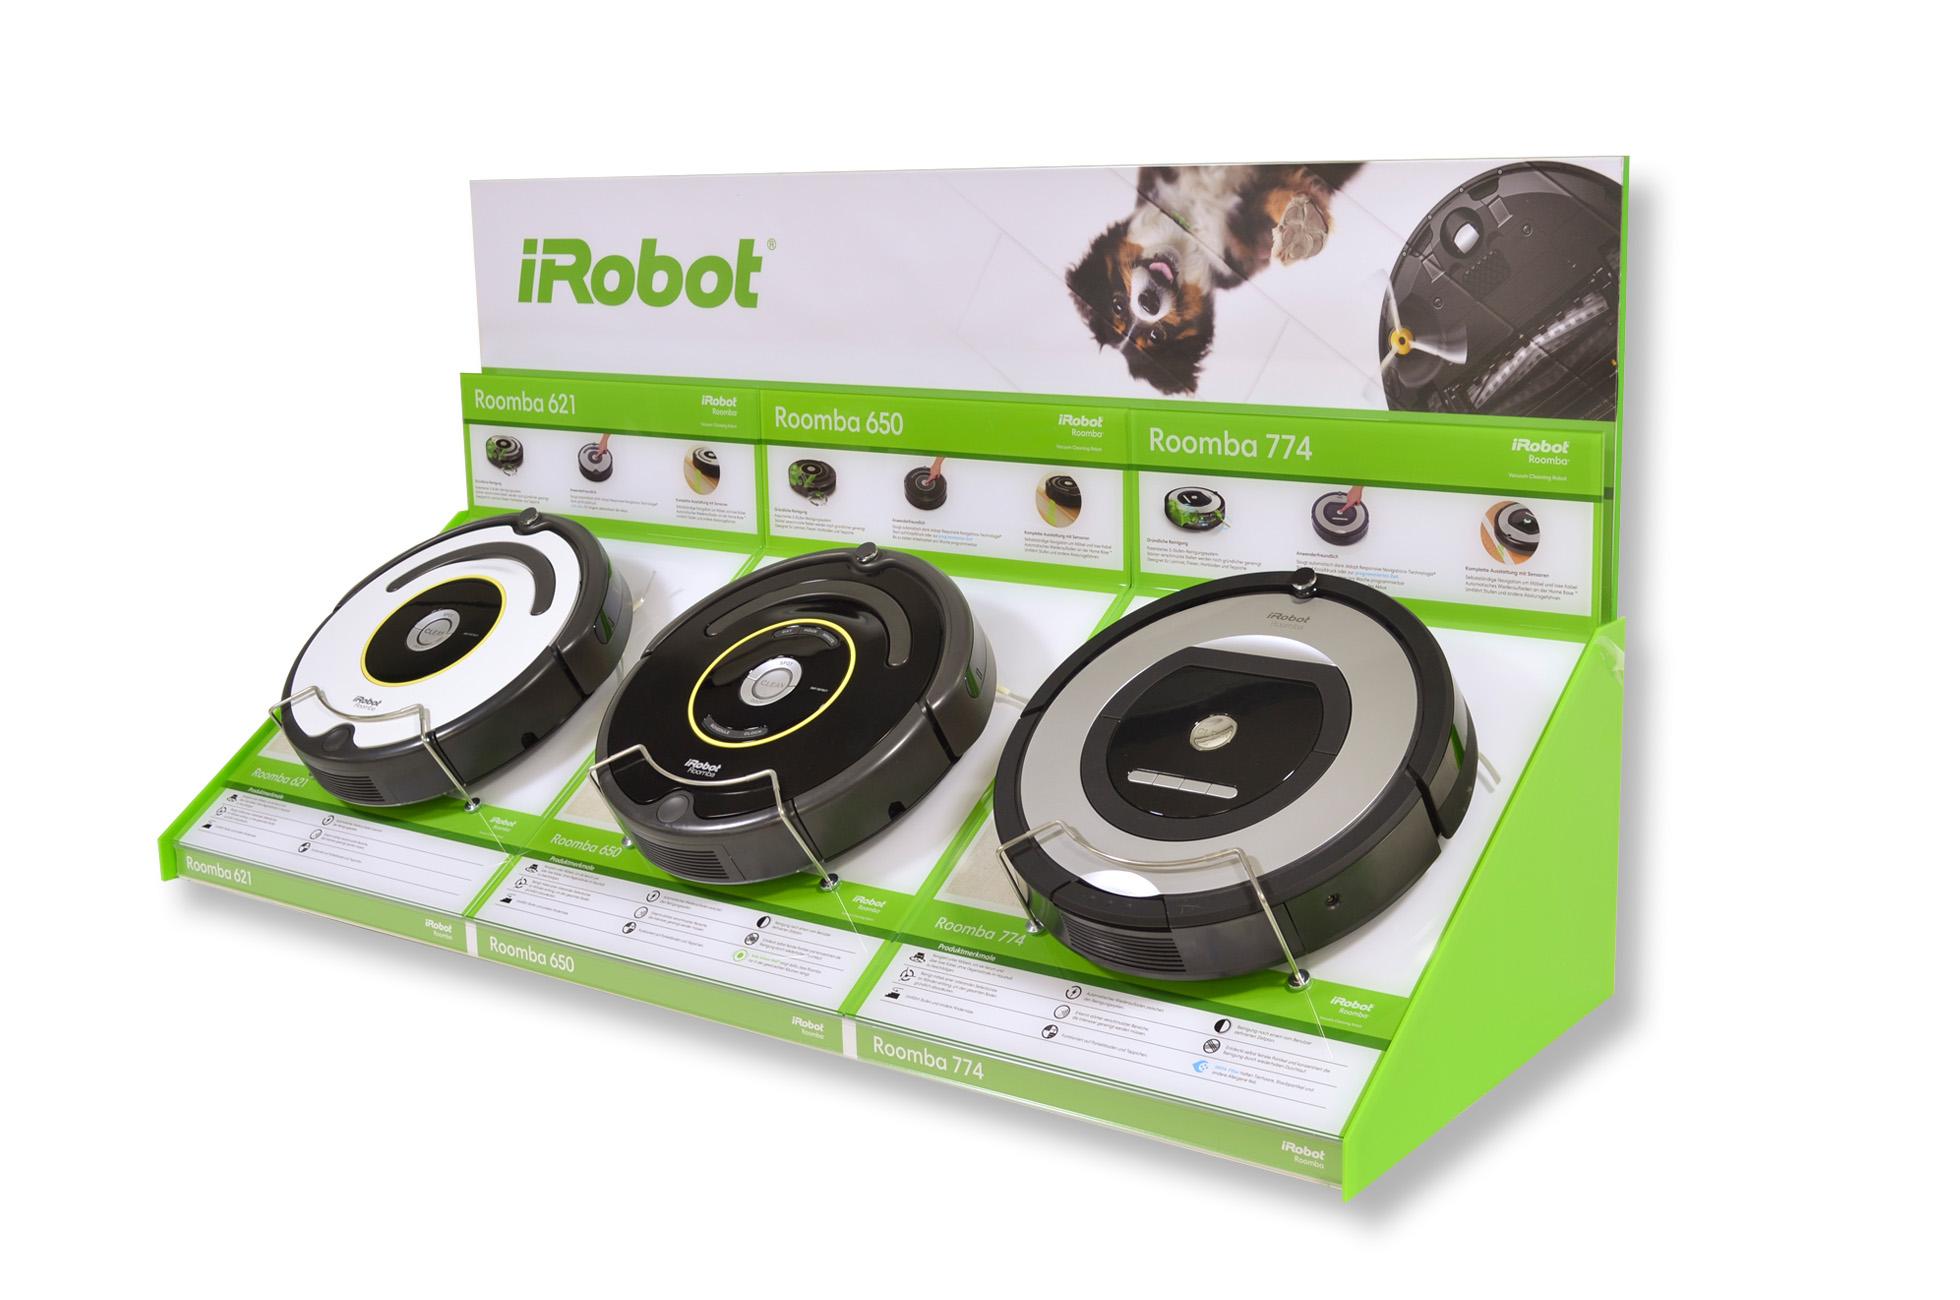 iRobot Retail POS-Display